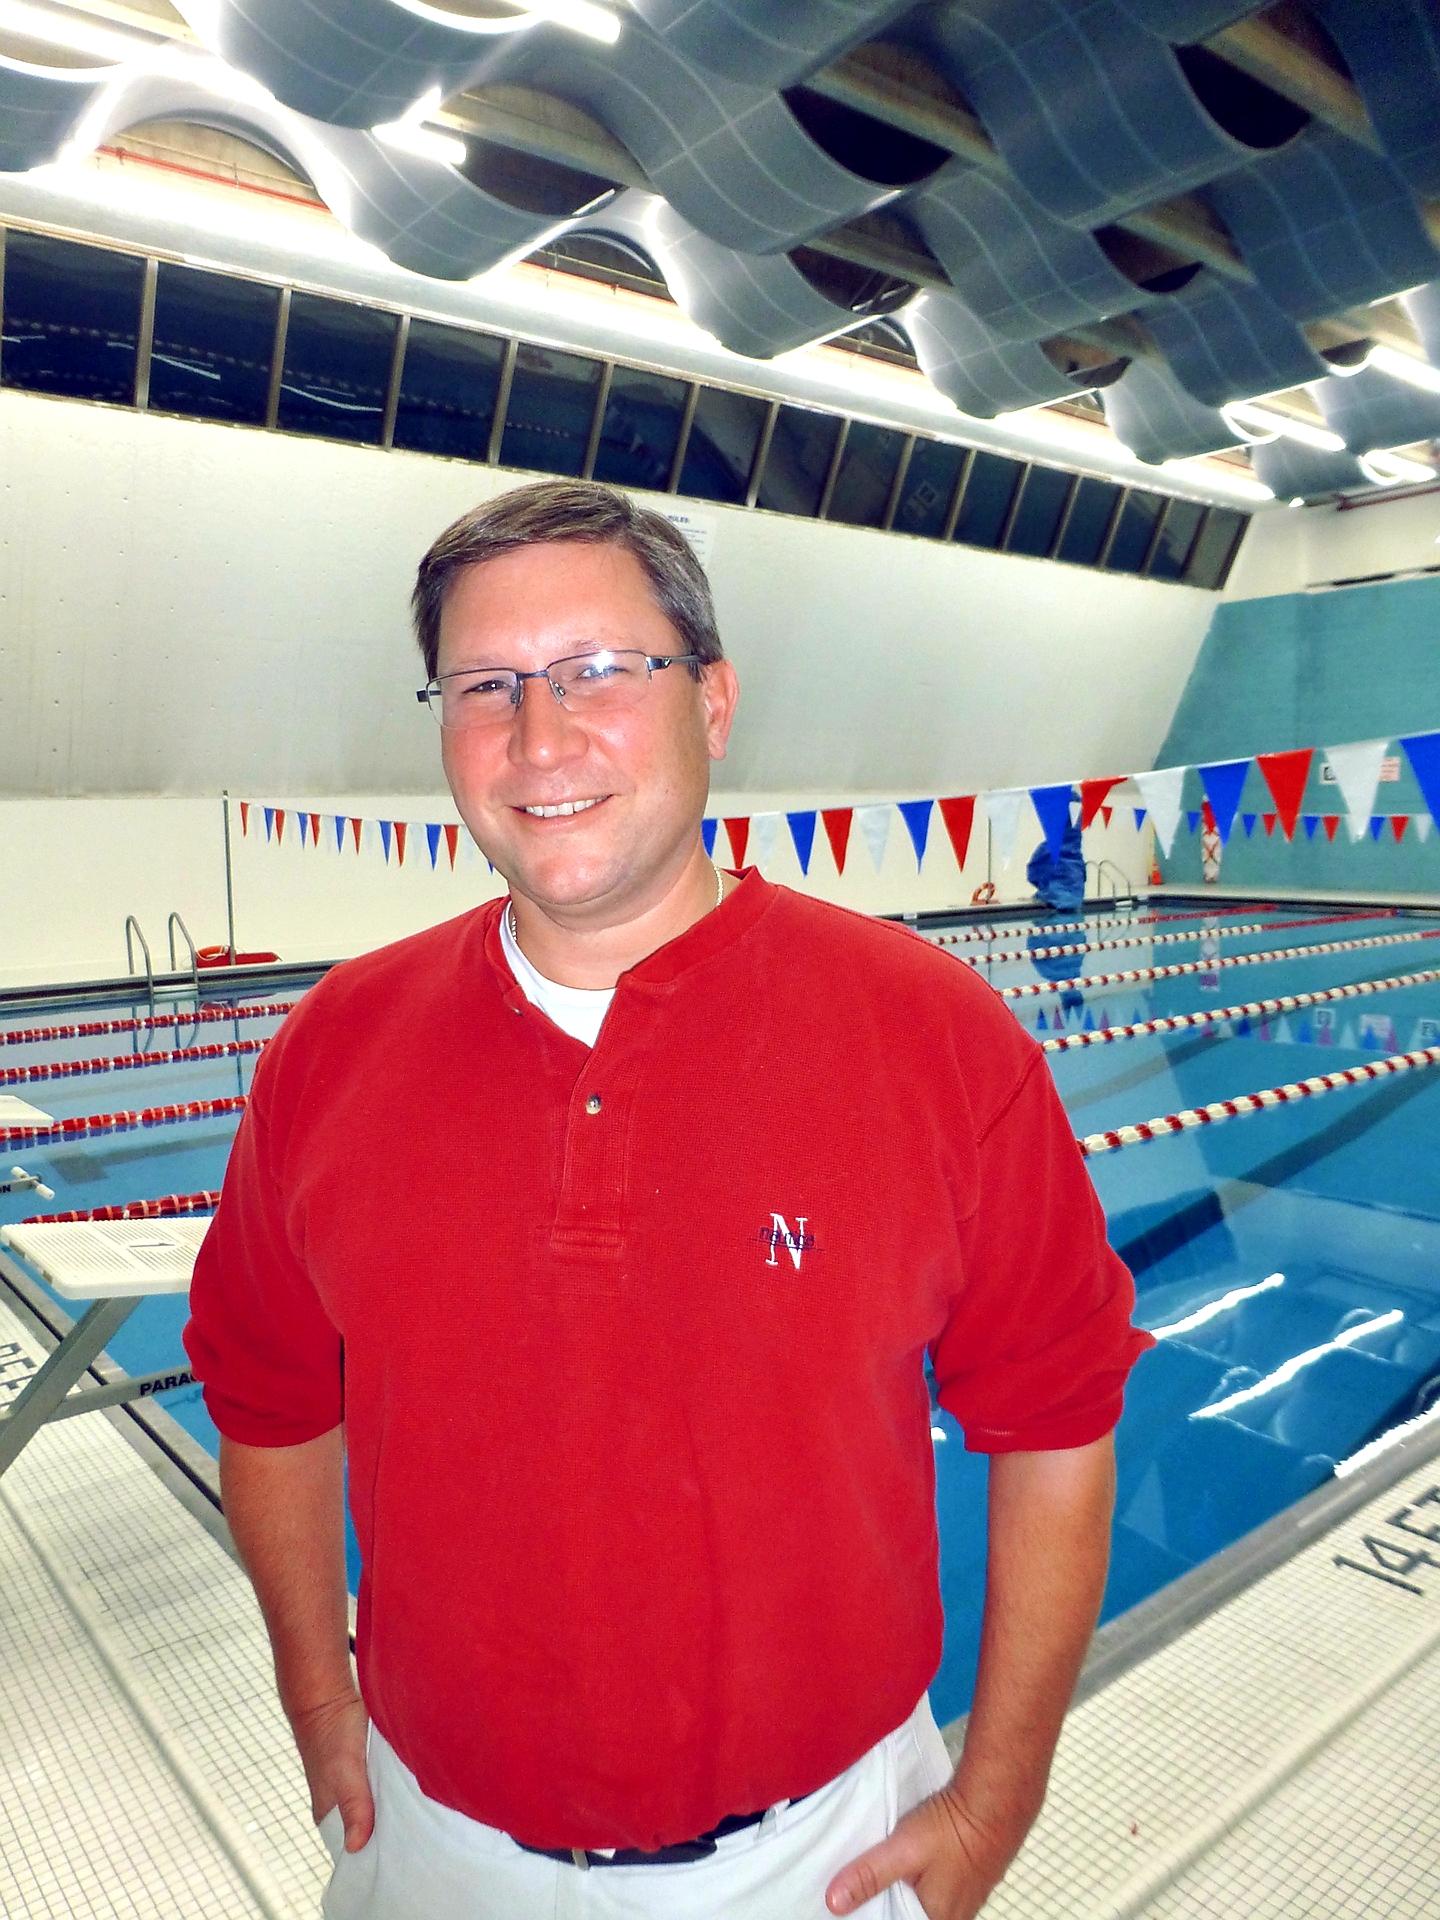 Brian Feury, Instructor